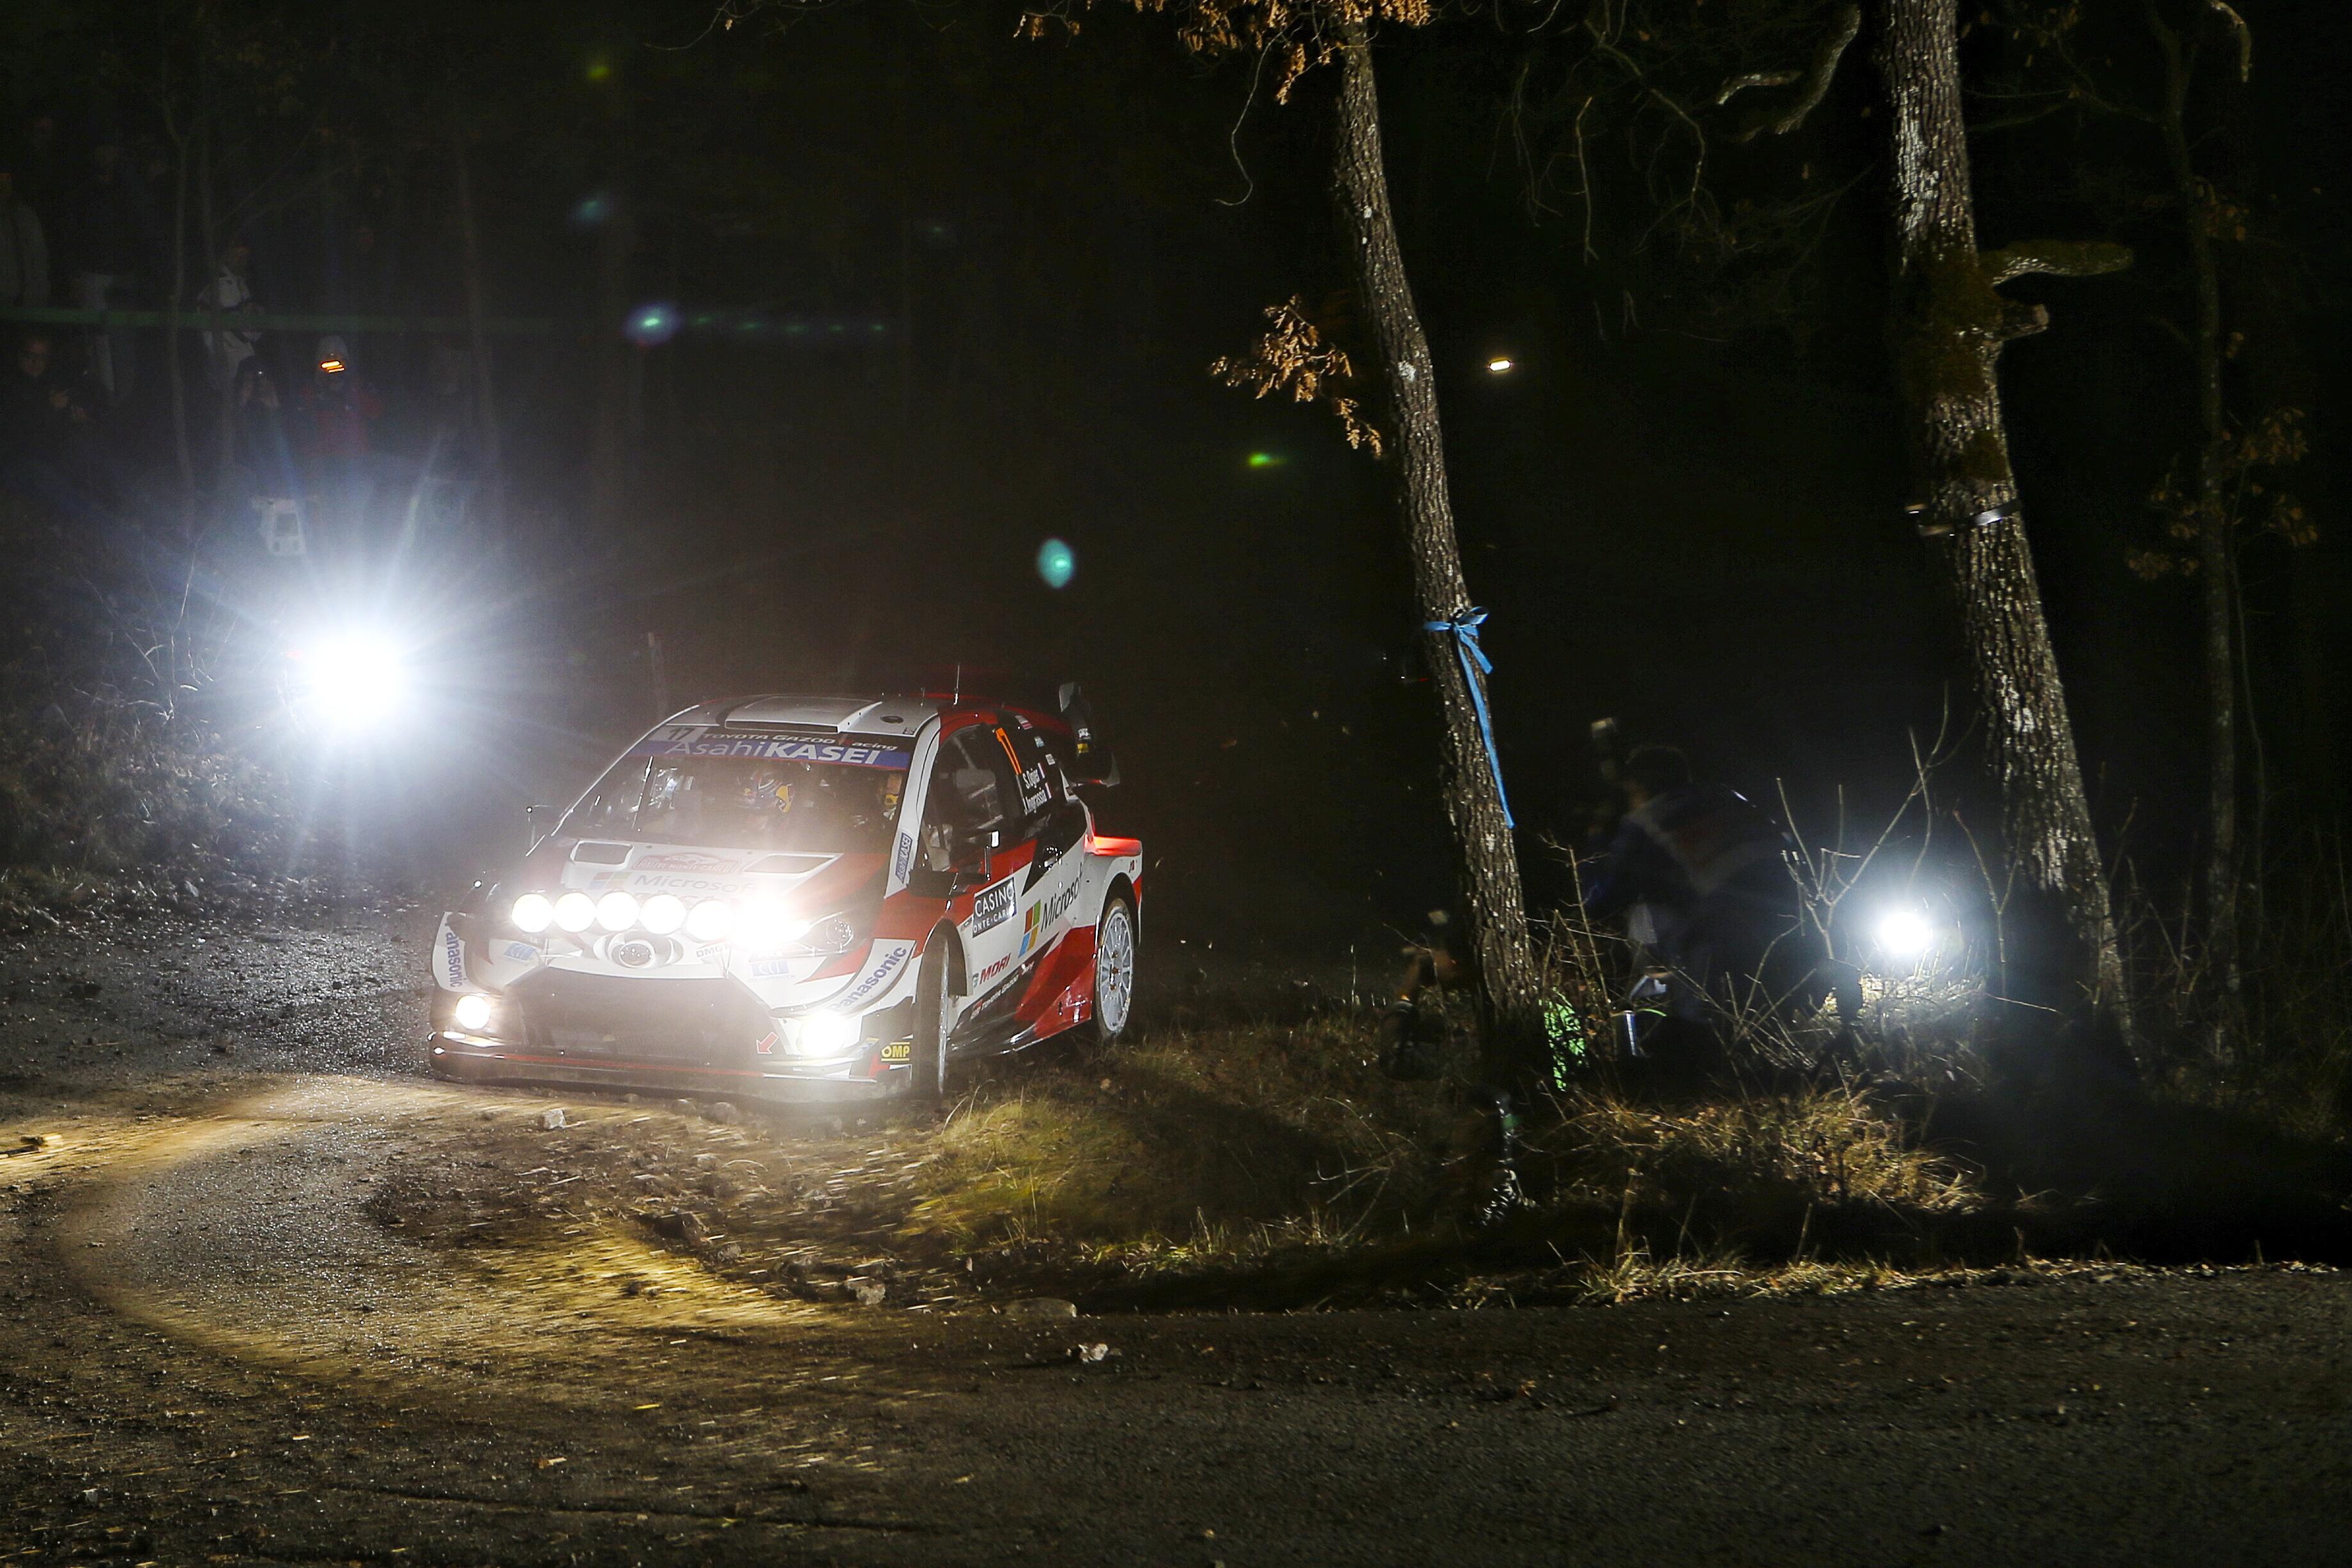 WRC: 88º Rallye Automobile de Monte-Carlo [20-26 de Enero] - Página 6 EO_9pcNX4AAubLa?format=jpg&name=4096x4096